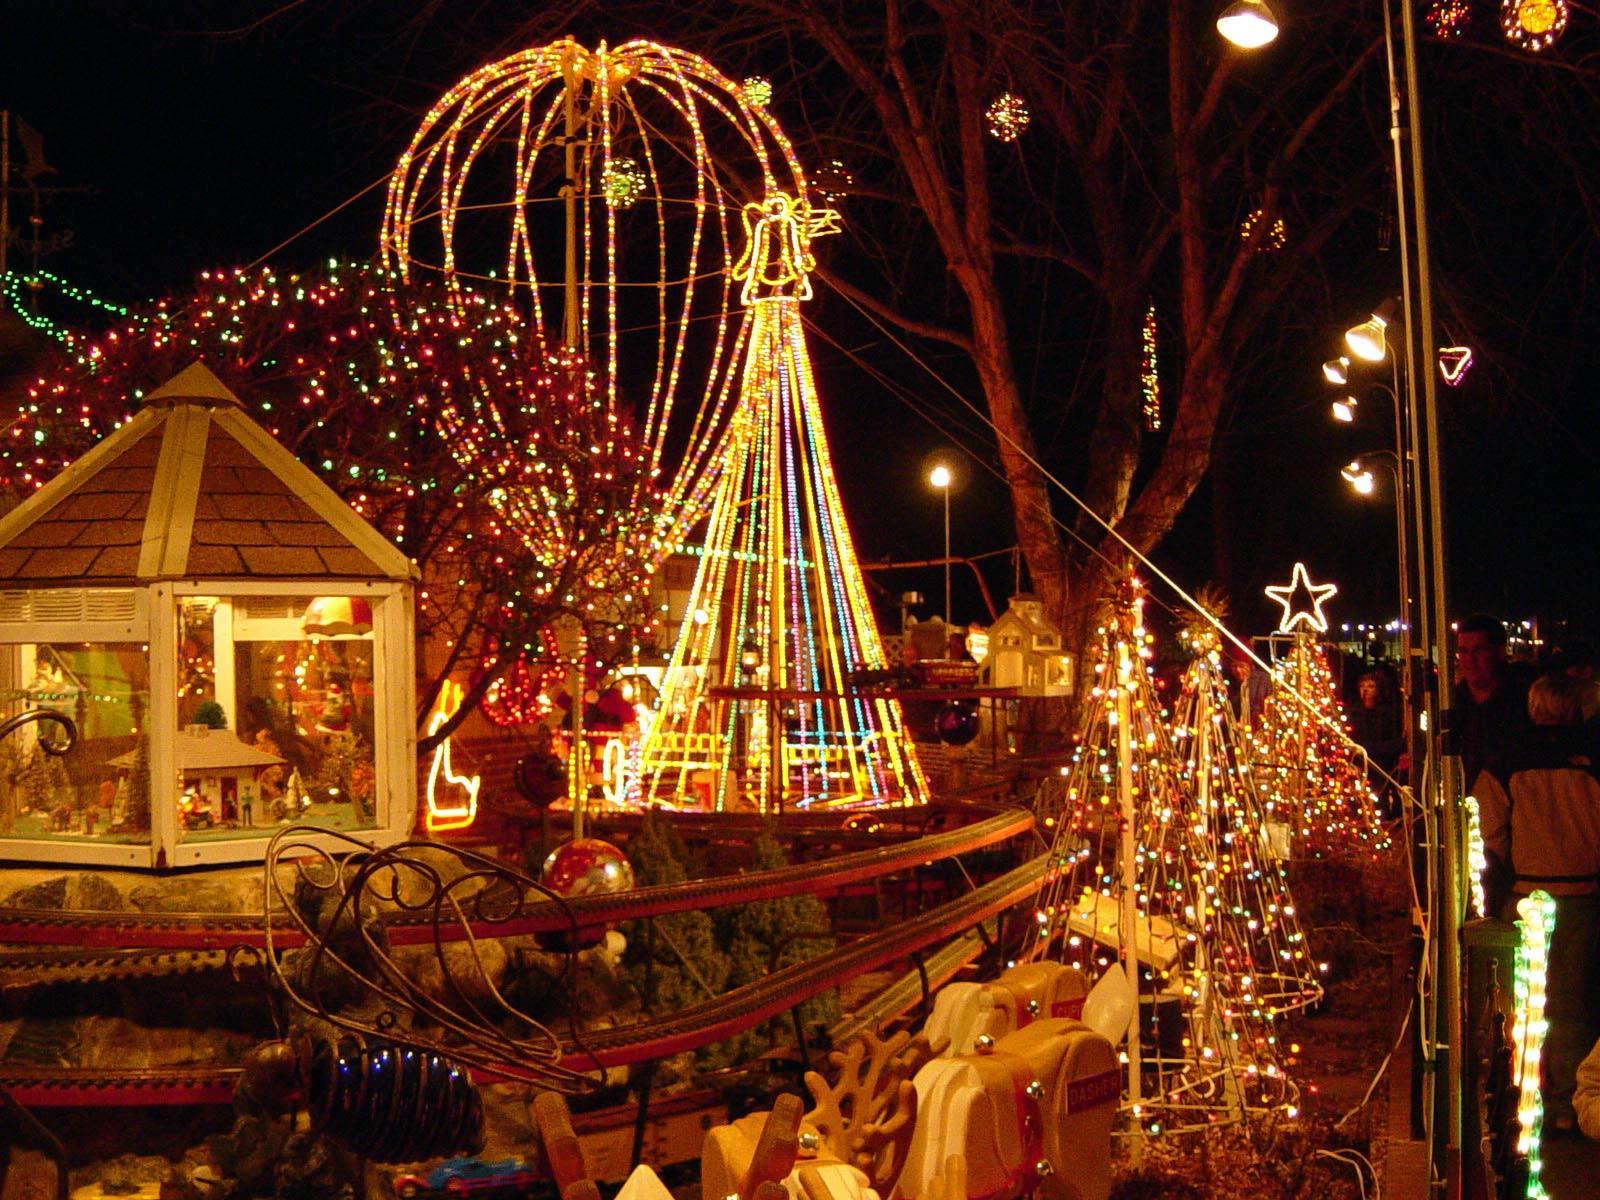 http://2.bp.blogspot.com/-wDhTuwW6Yok/TtMP1bLJcaI/AAAAAAAAEt0/wMvML2w6Lig/s1600/Christmas+Lights+wallpaper+%25286%2529.jpg